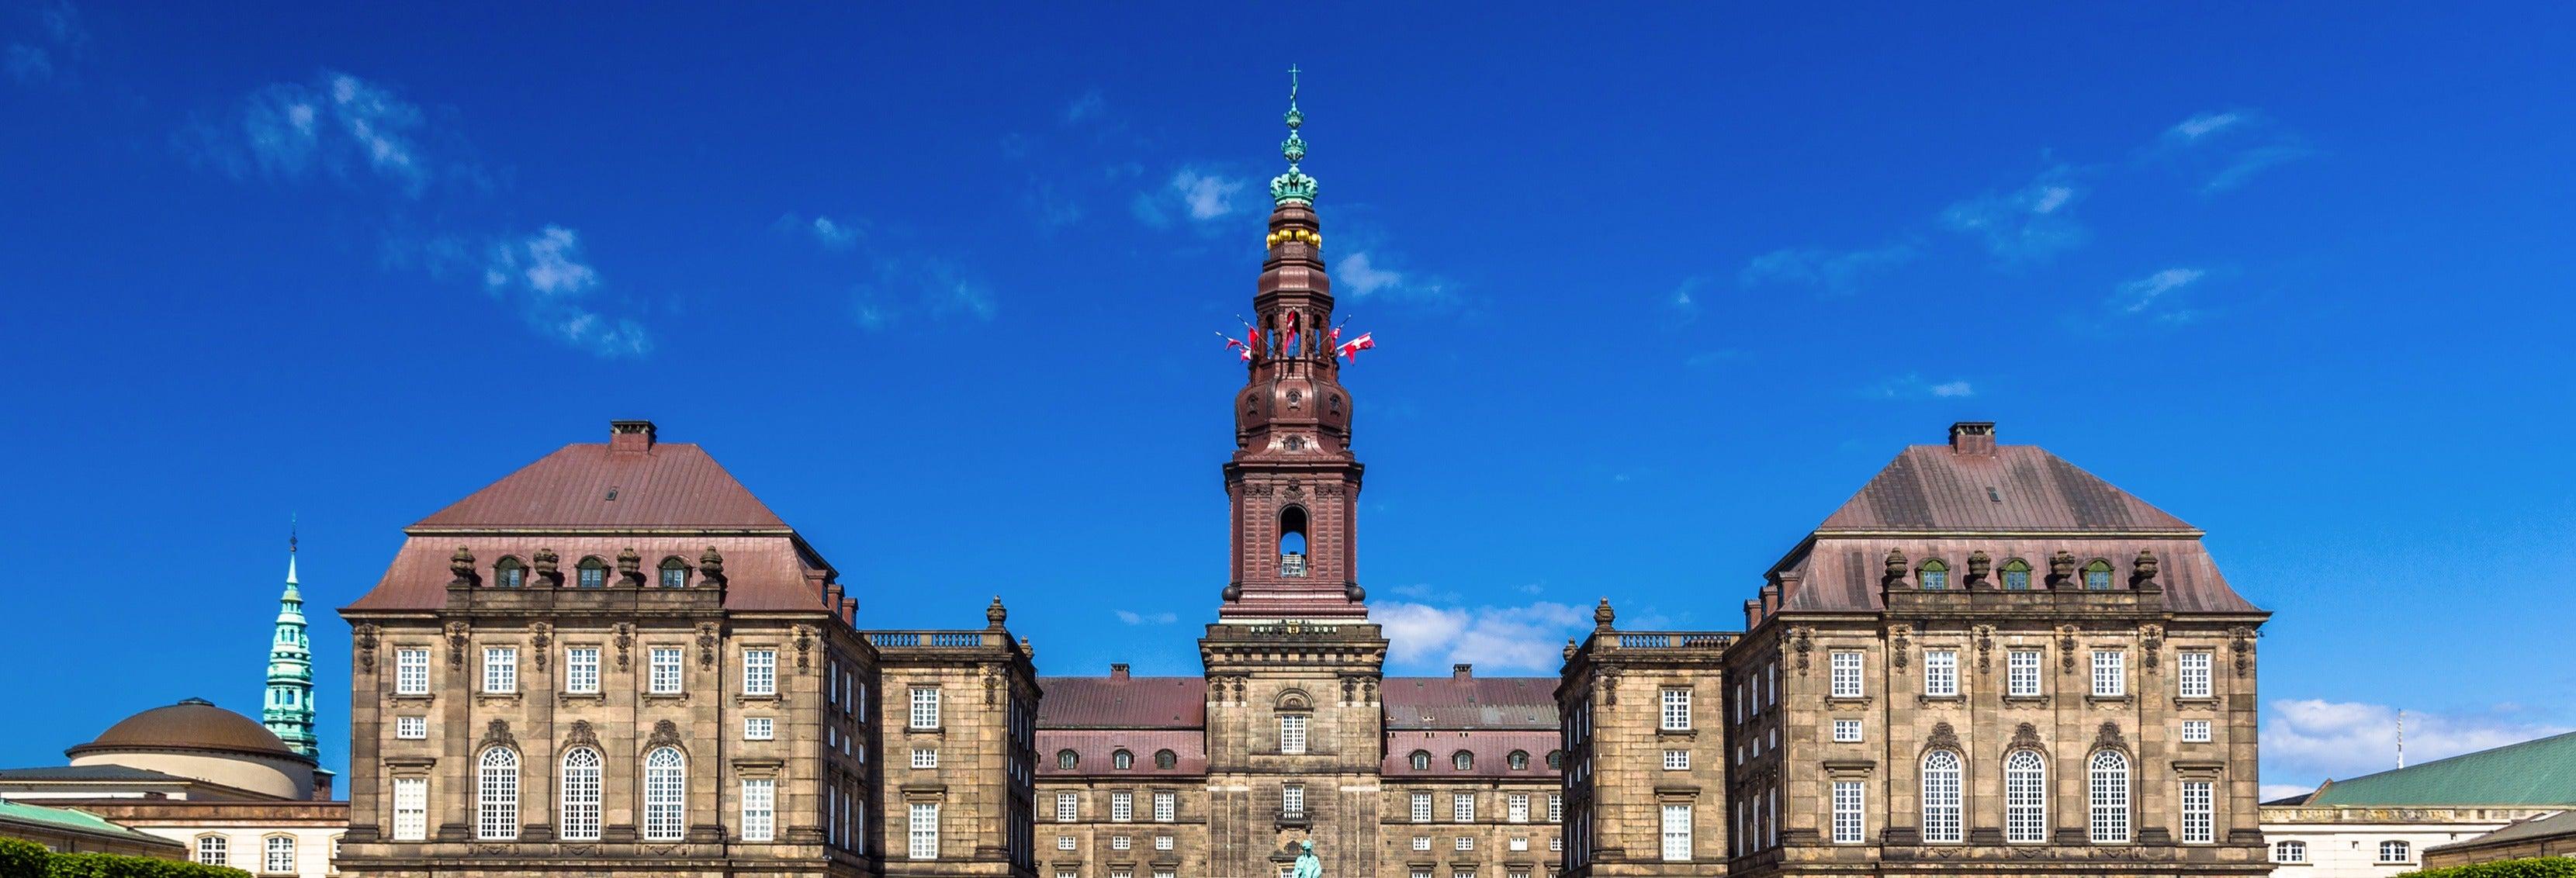 Visita guiada por el palacio de Christiansborg